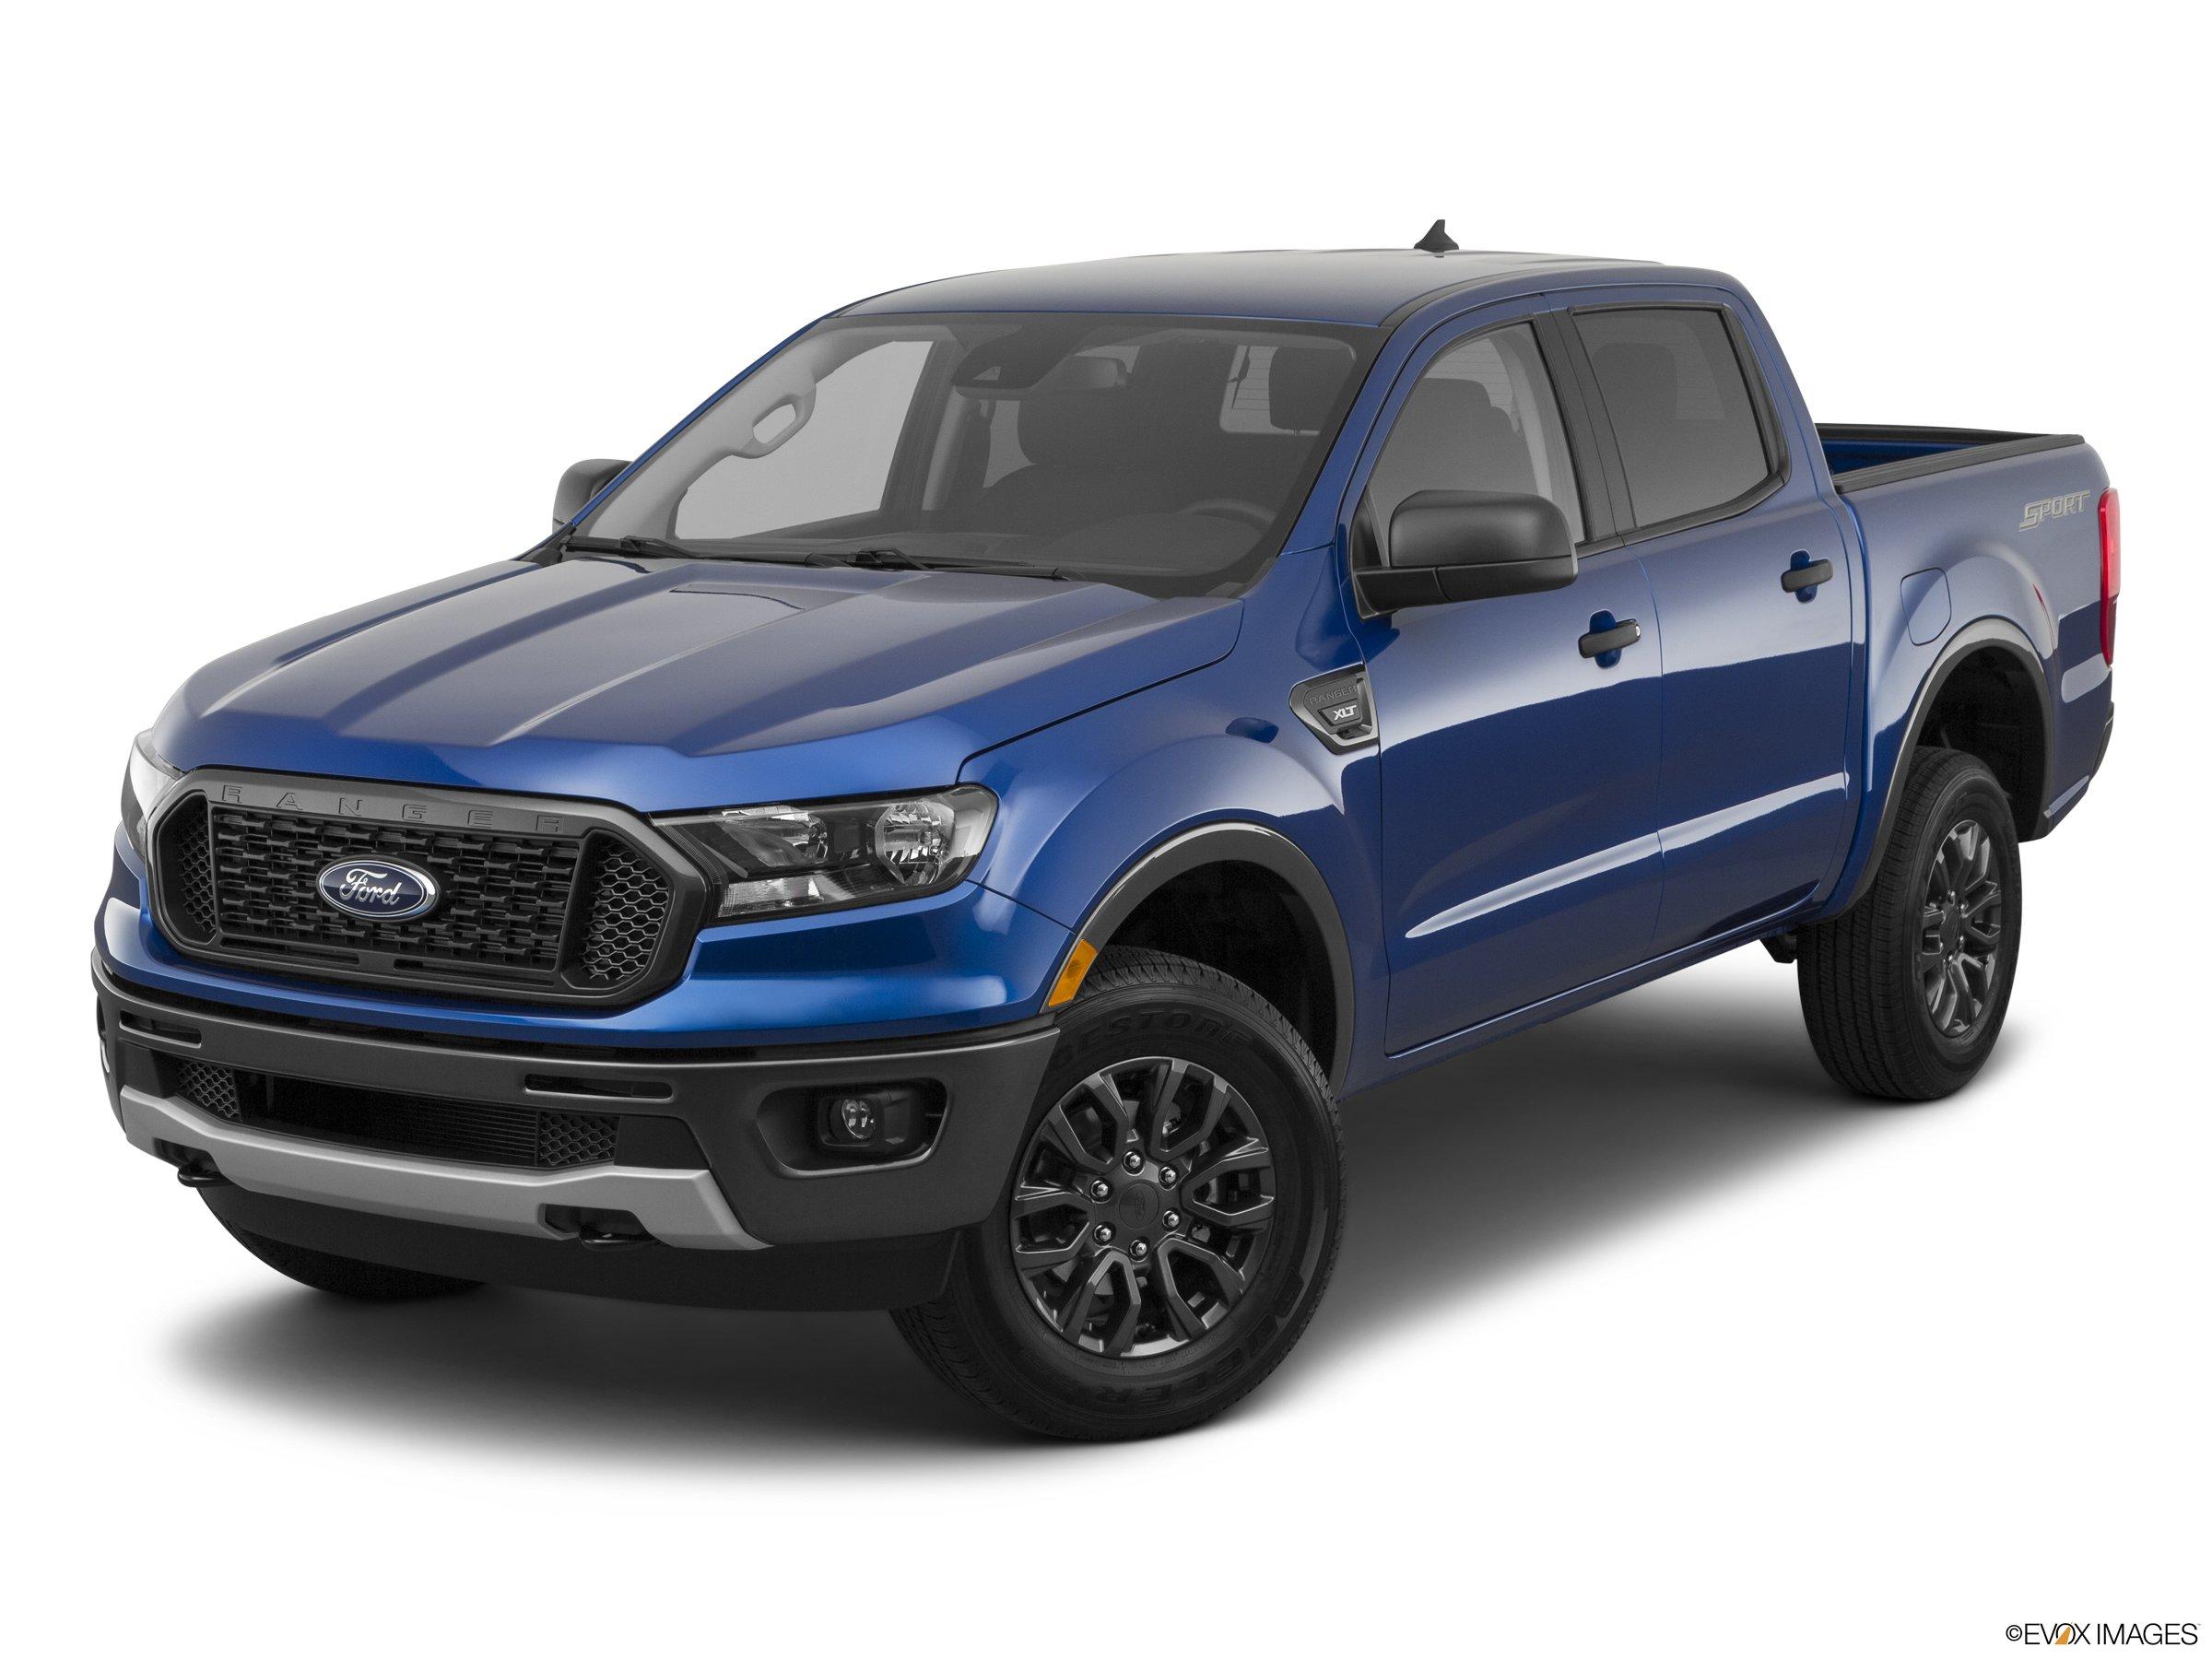 2020 Ford Ranger XLT RWD pickup